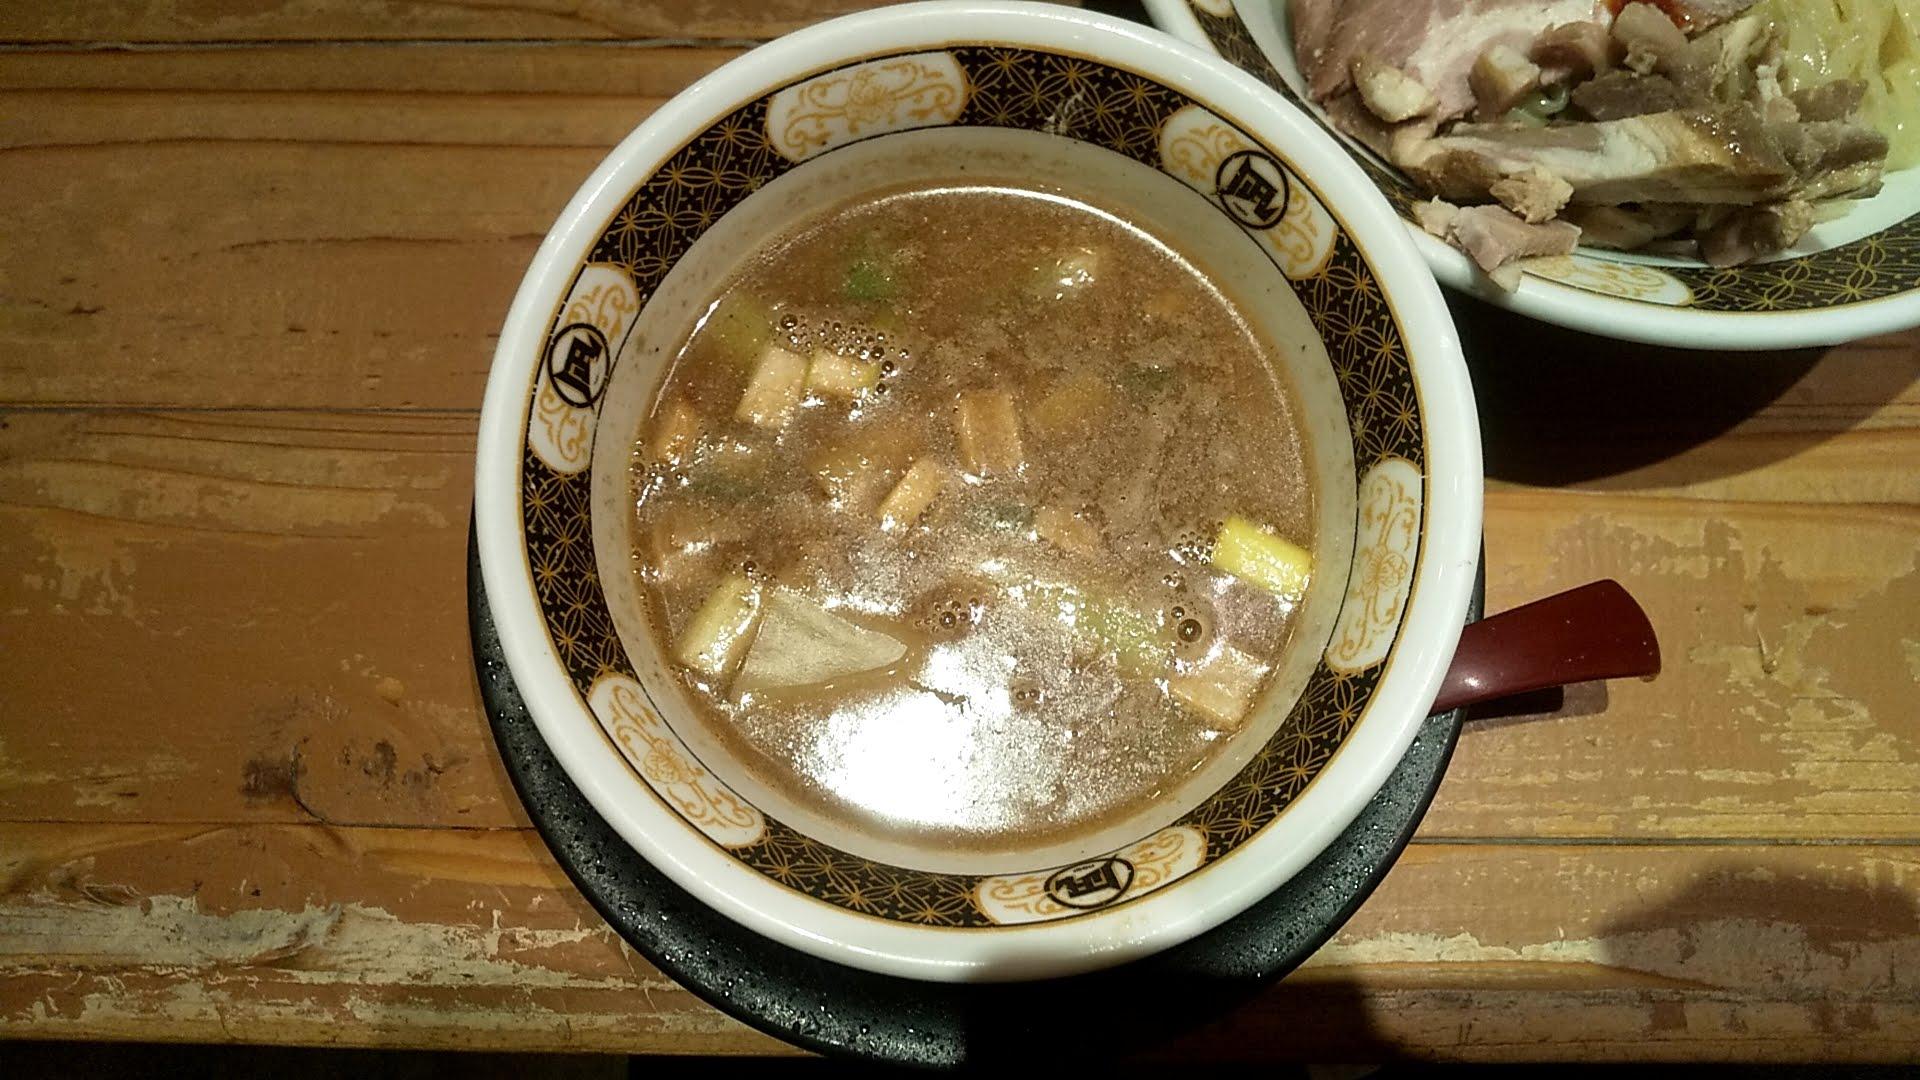 凪下北沢店の特製つけ麺のつけ汁の写真